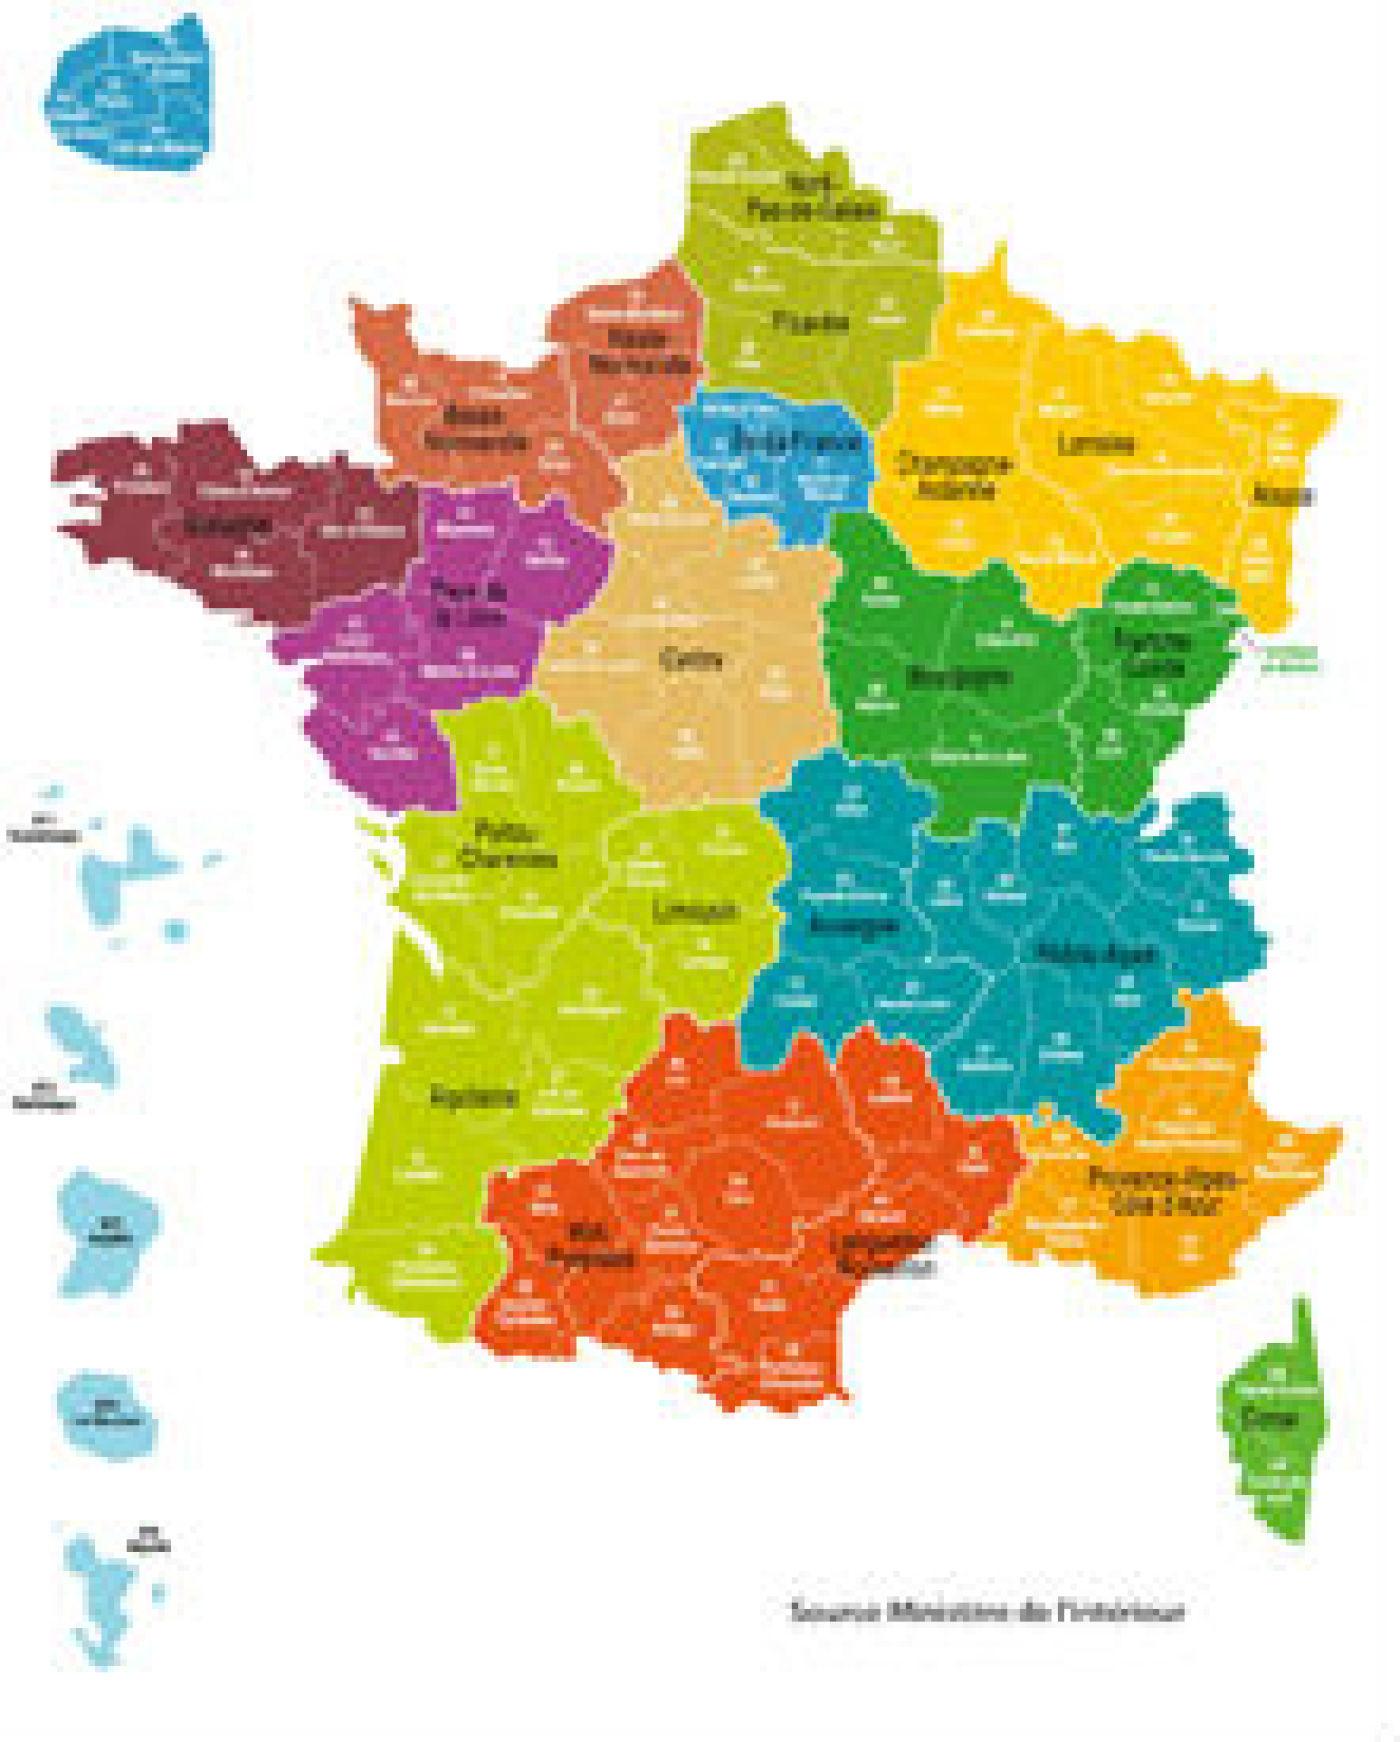 Réforme Territoriale: Quels Noms Pour Les Nouvelles Régions? dedans Carte Nouvelles Régions De France